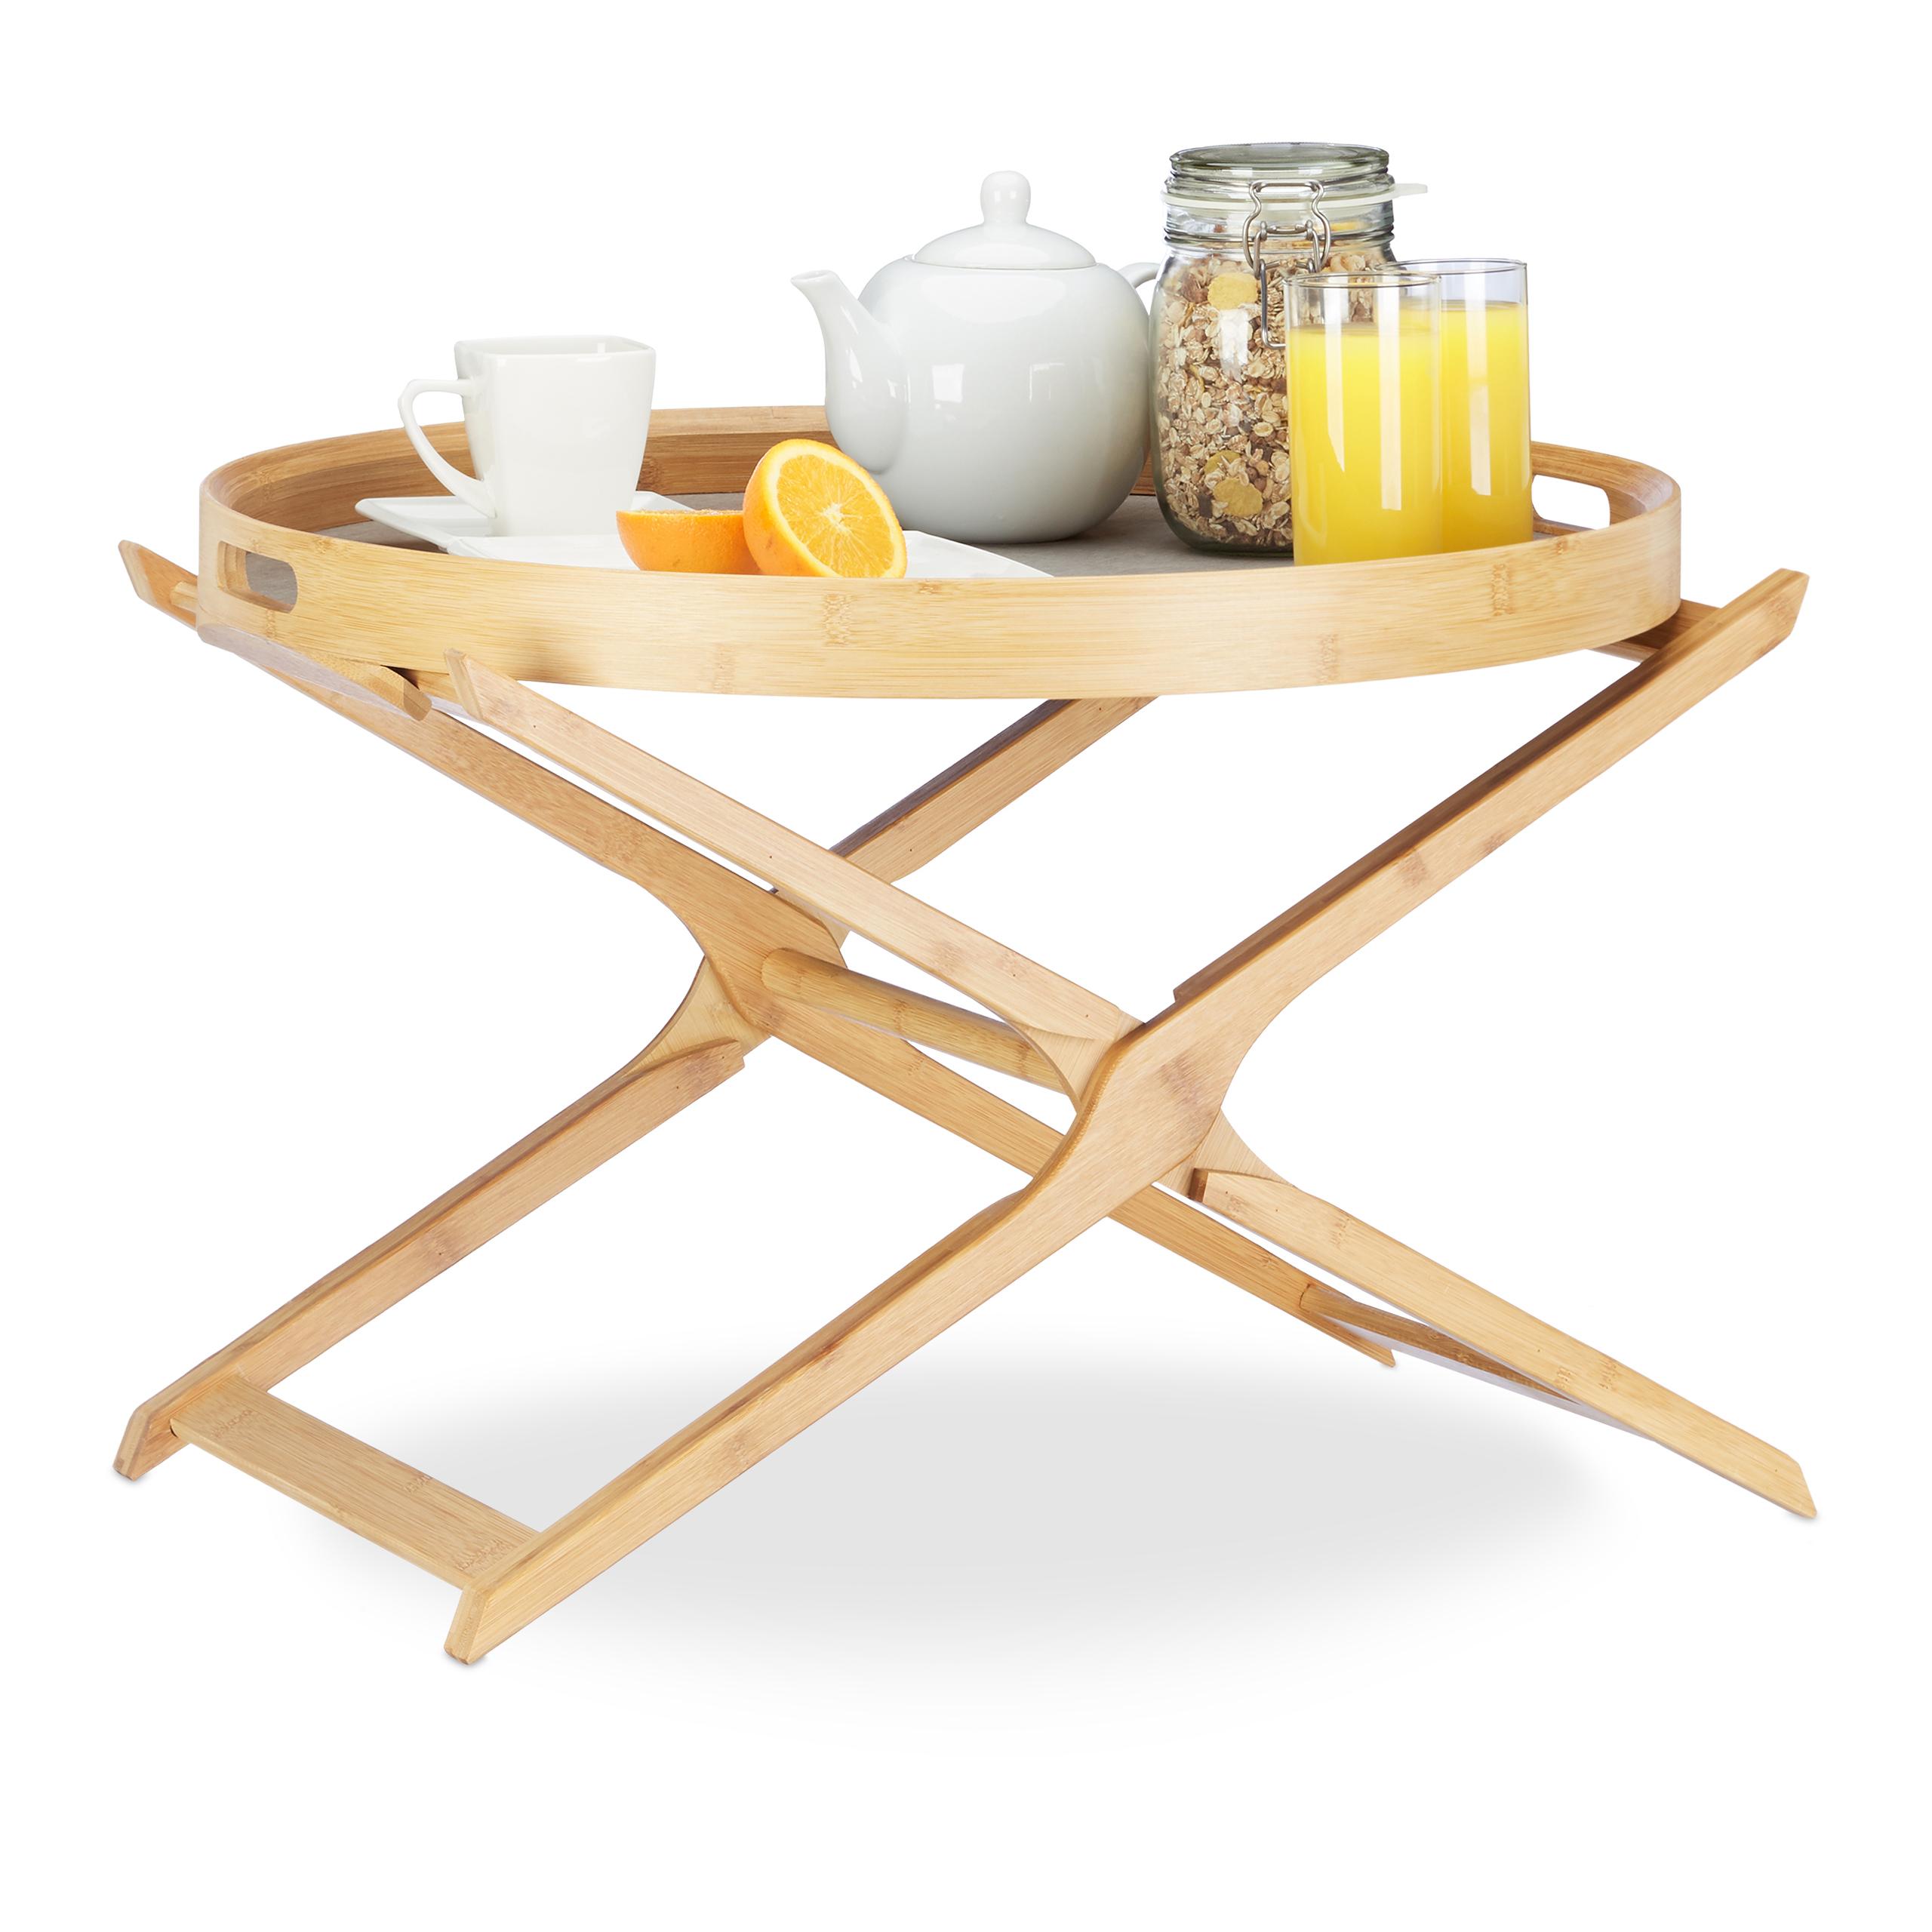 table d appoint pliante bambou avec plateau service amovible bois pliable